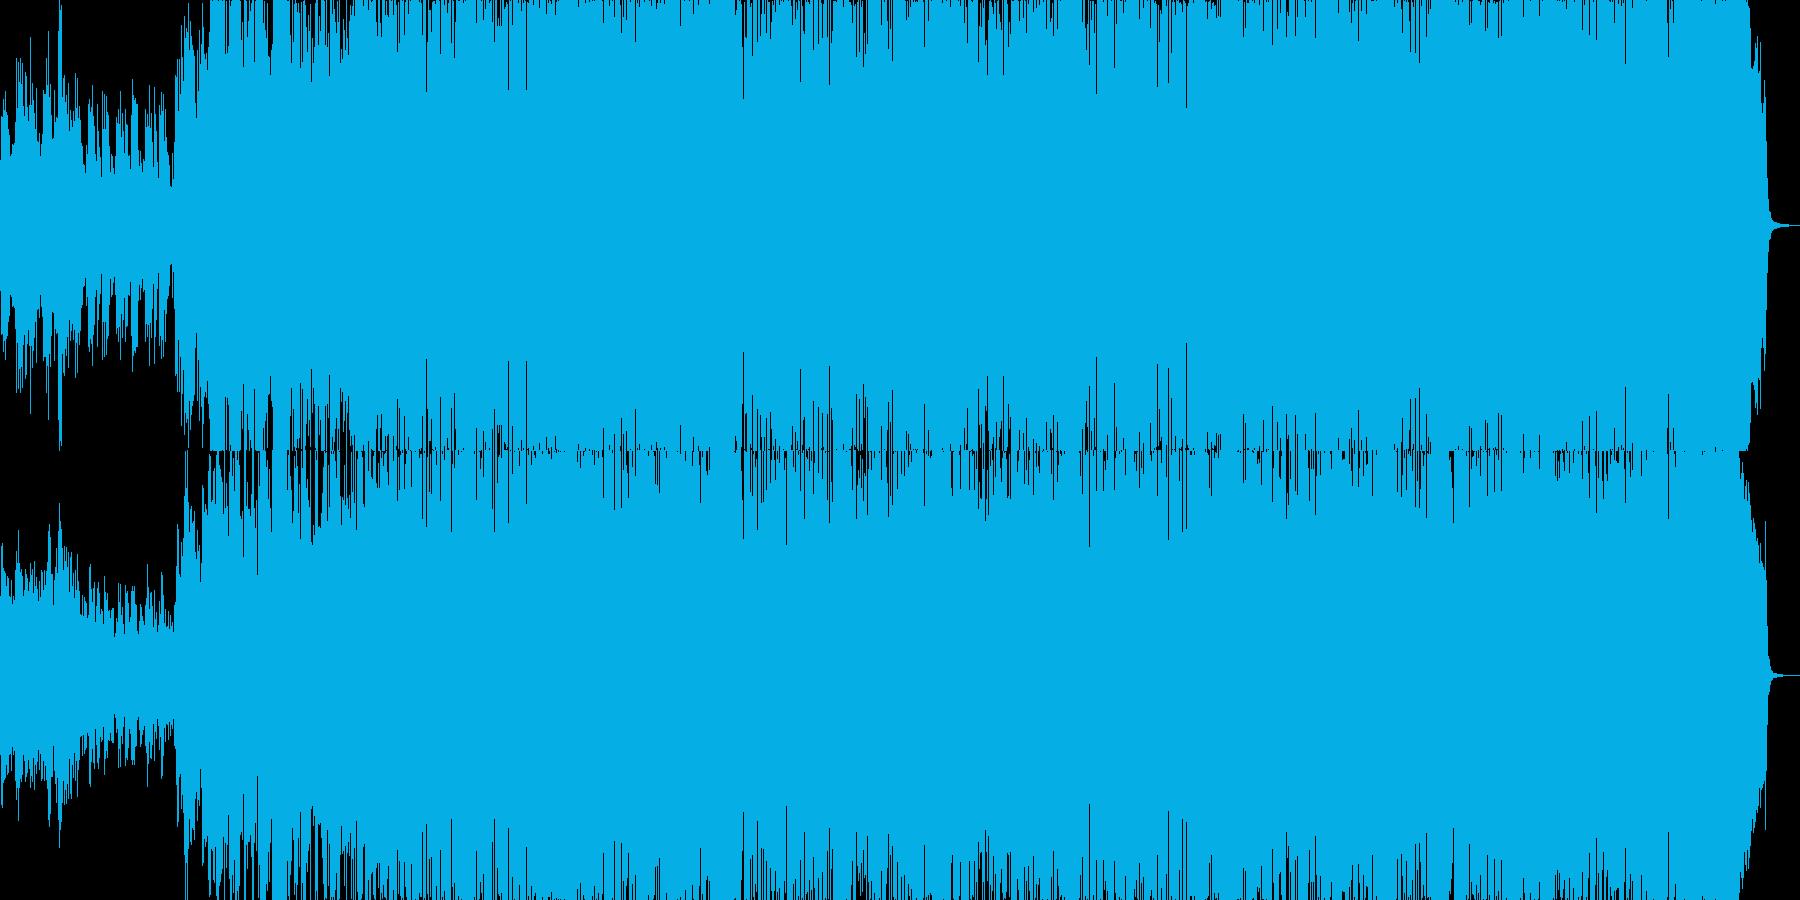 キラキラした好印象アコースティックポップの再生済みの波形